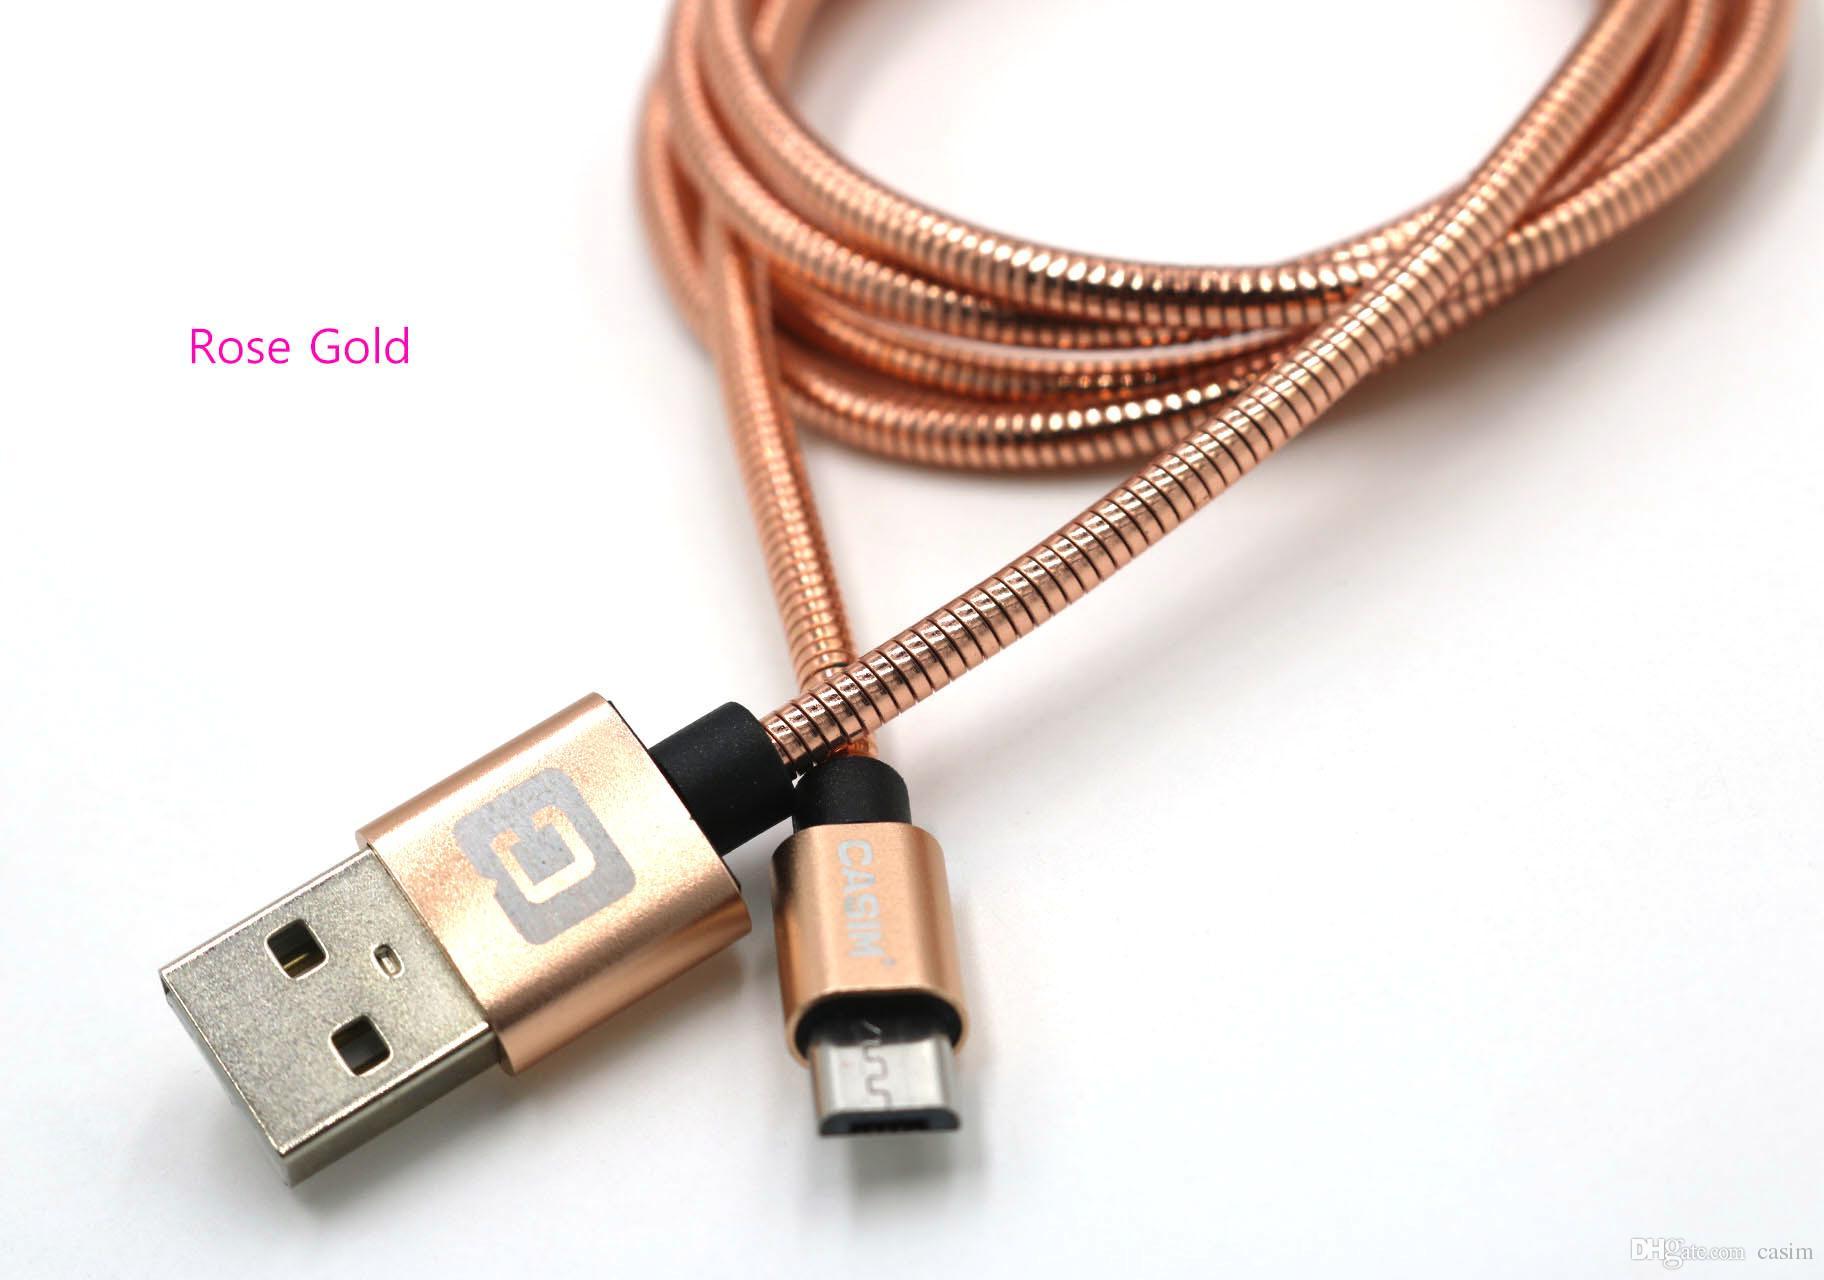 Mikro USB Kablosu Kordon Lüks Metal Bahar Şarj Veri Hattı CASIM Orijinal Samsung S7 s6 LG Huawei Android için Şarj Tipi C Kordonlar